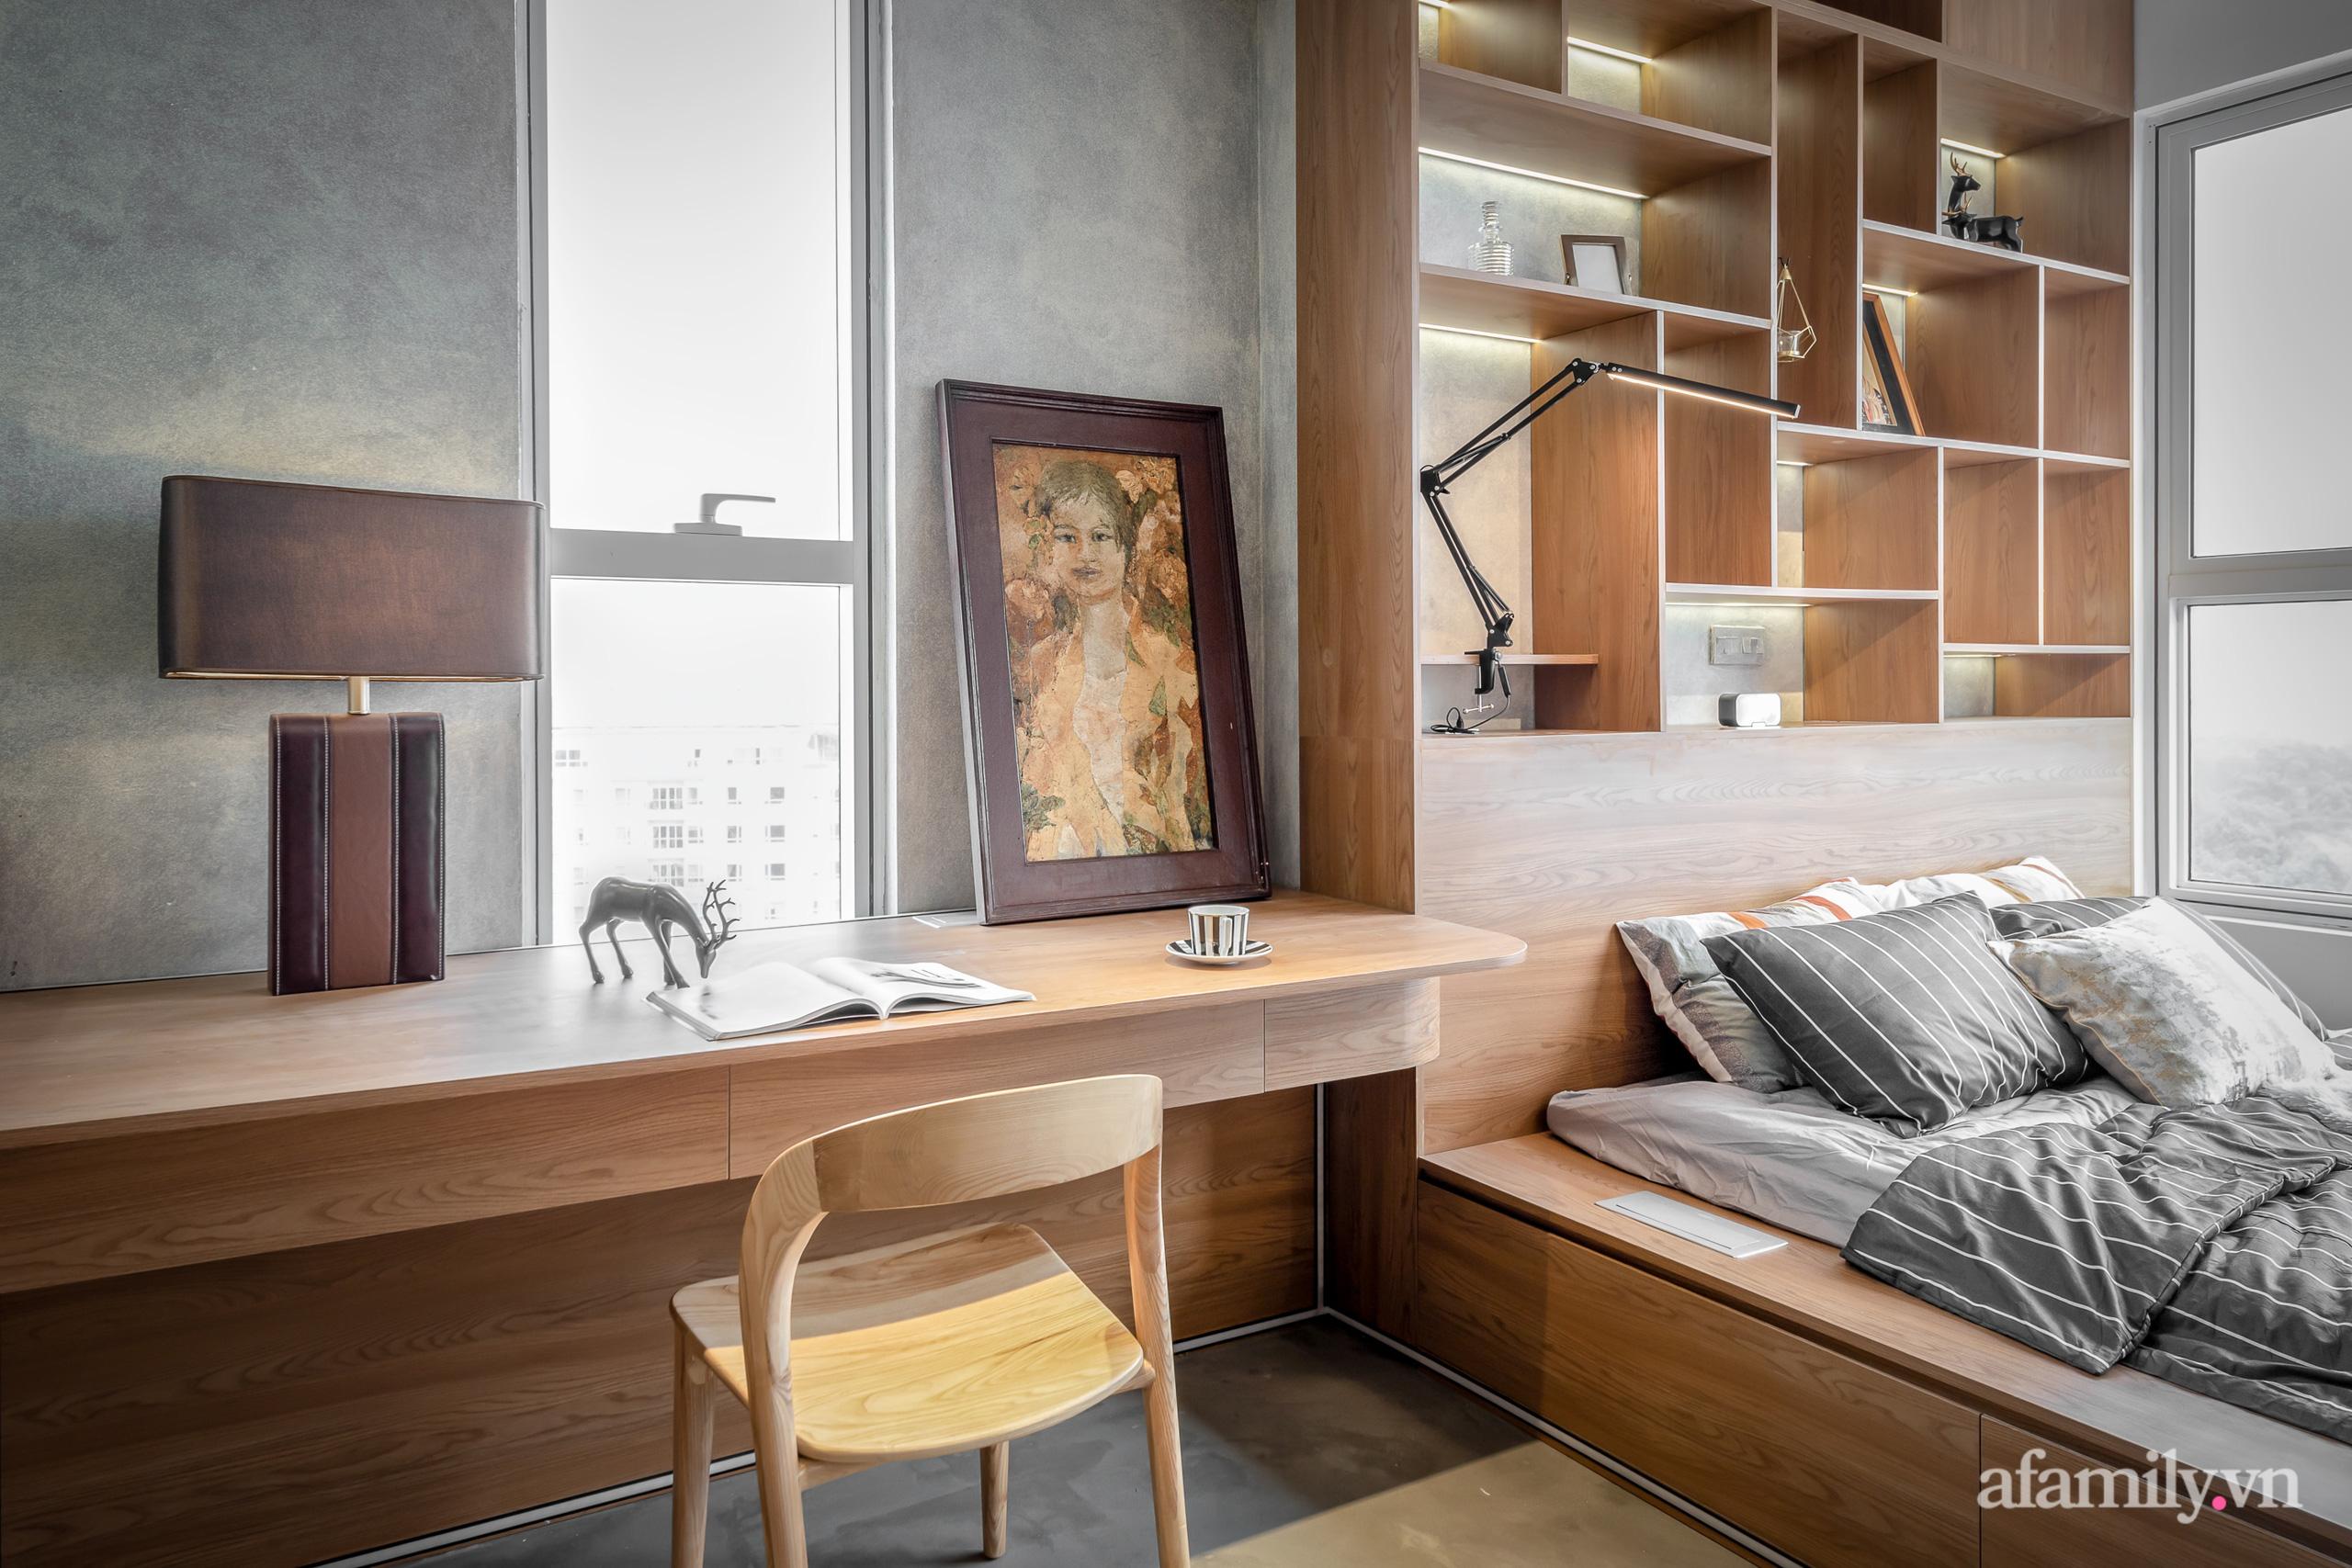 Căn hộ 106m² đẹp cá tính với hiệu ứng bê tông cùng phong cách tối giản có chi phí hoàn thiện 950 triệu đồng ở Sài Gòn - Ảnh 18.